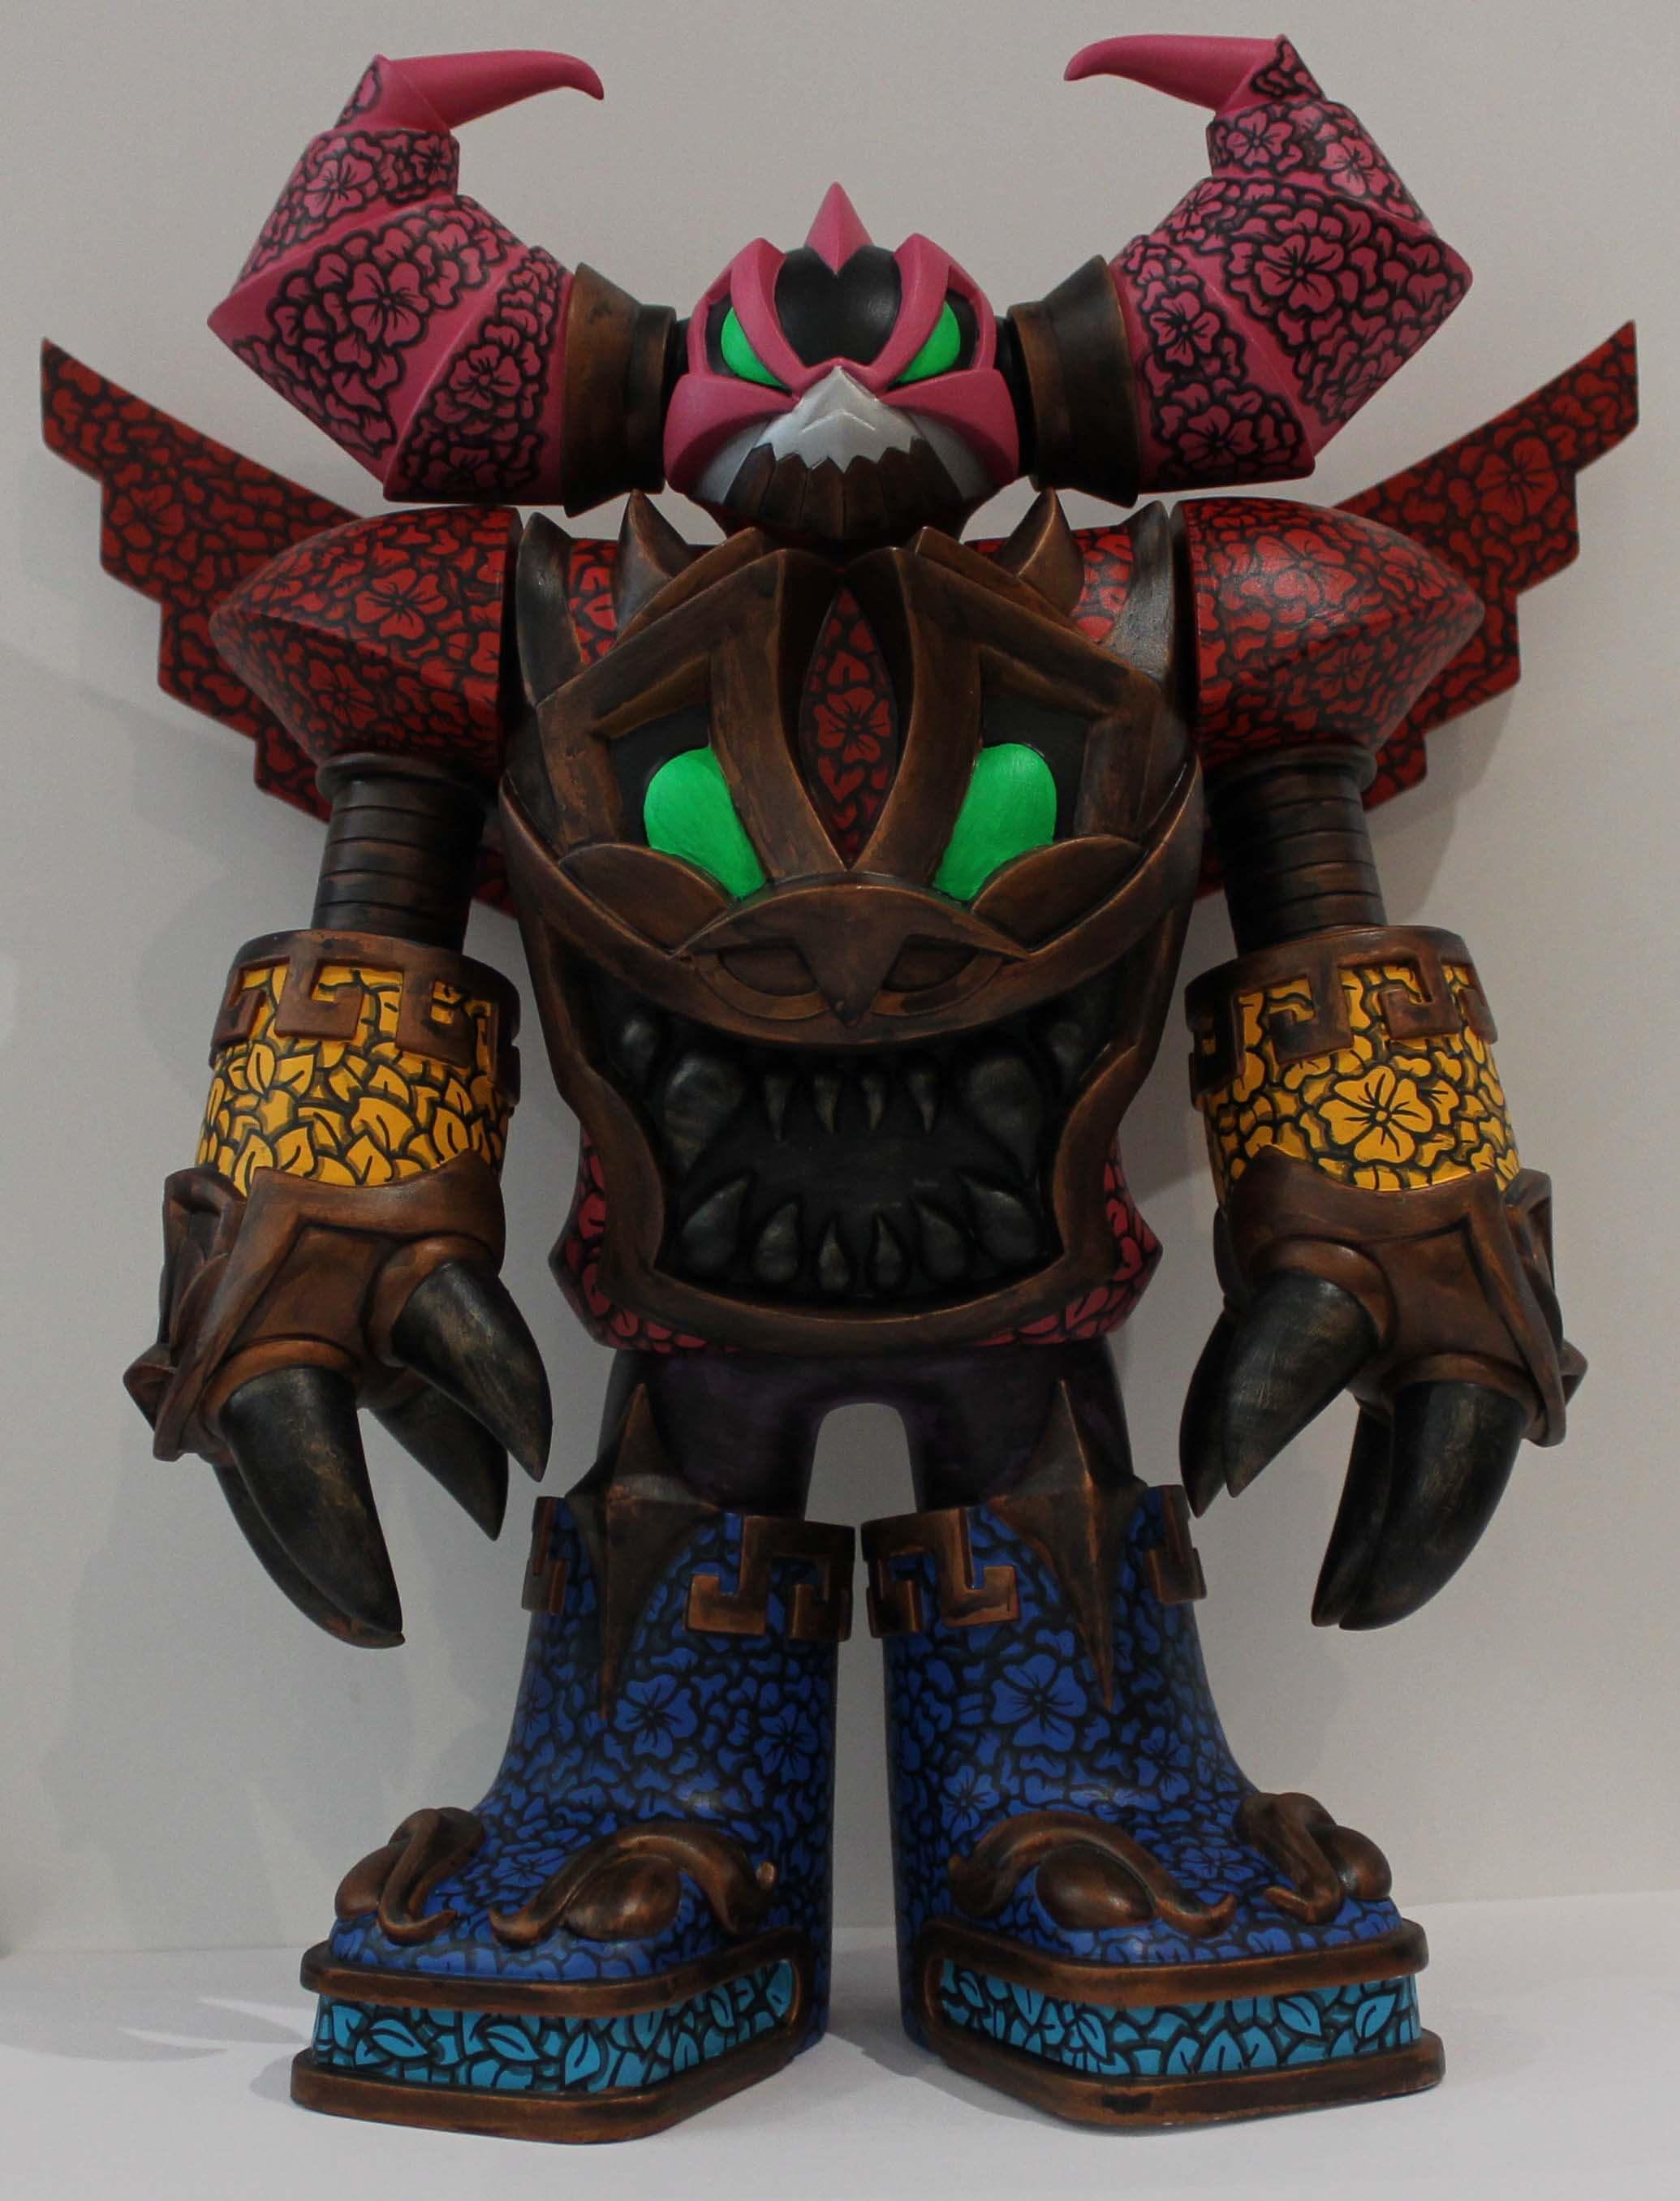 mecha azteca robot